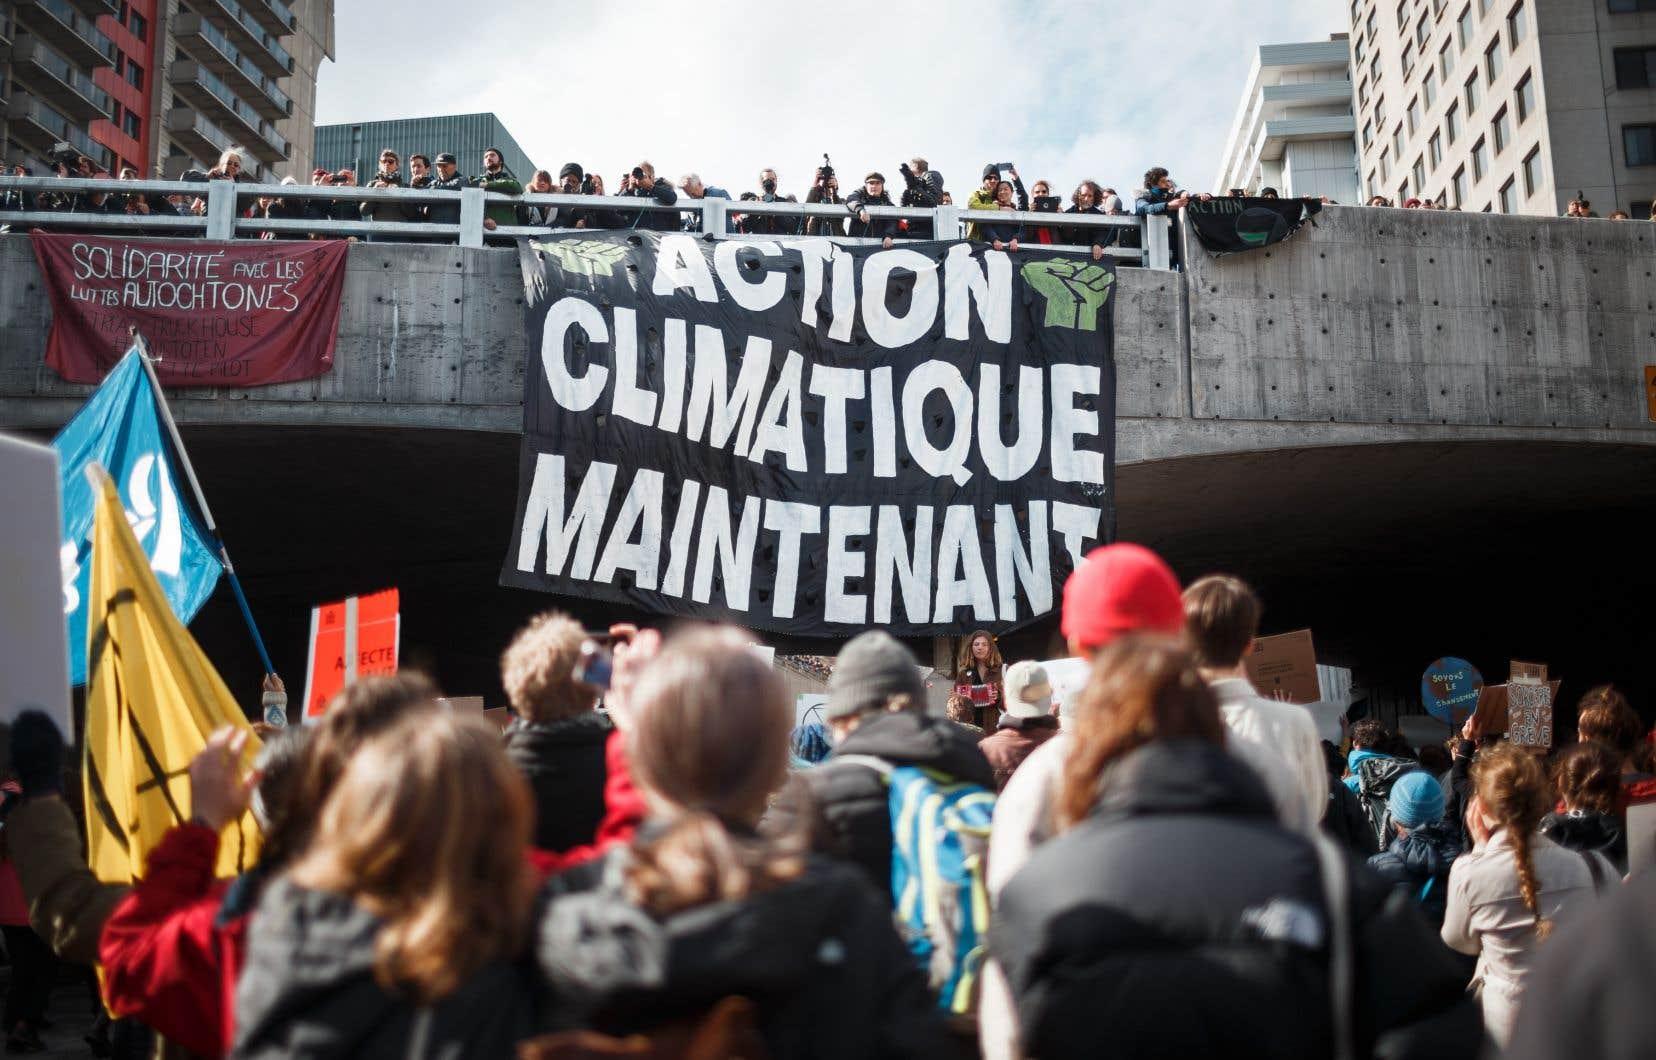 «Nous sommes déjà nombreux à signer des pétitions, à manifester, à correspondre avec nos députés, à entamer des grèves et à affronter les lobbys pétroliers en exigeant qu'ils soient tenus pour responsables», écrit l'autrice.